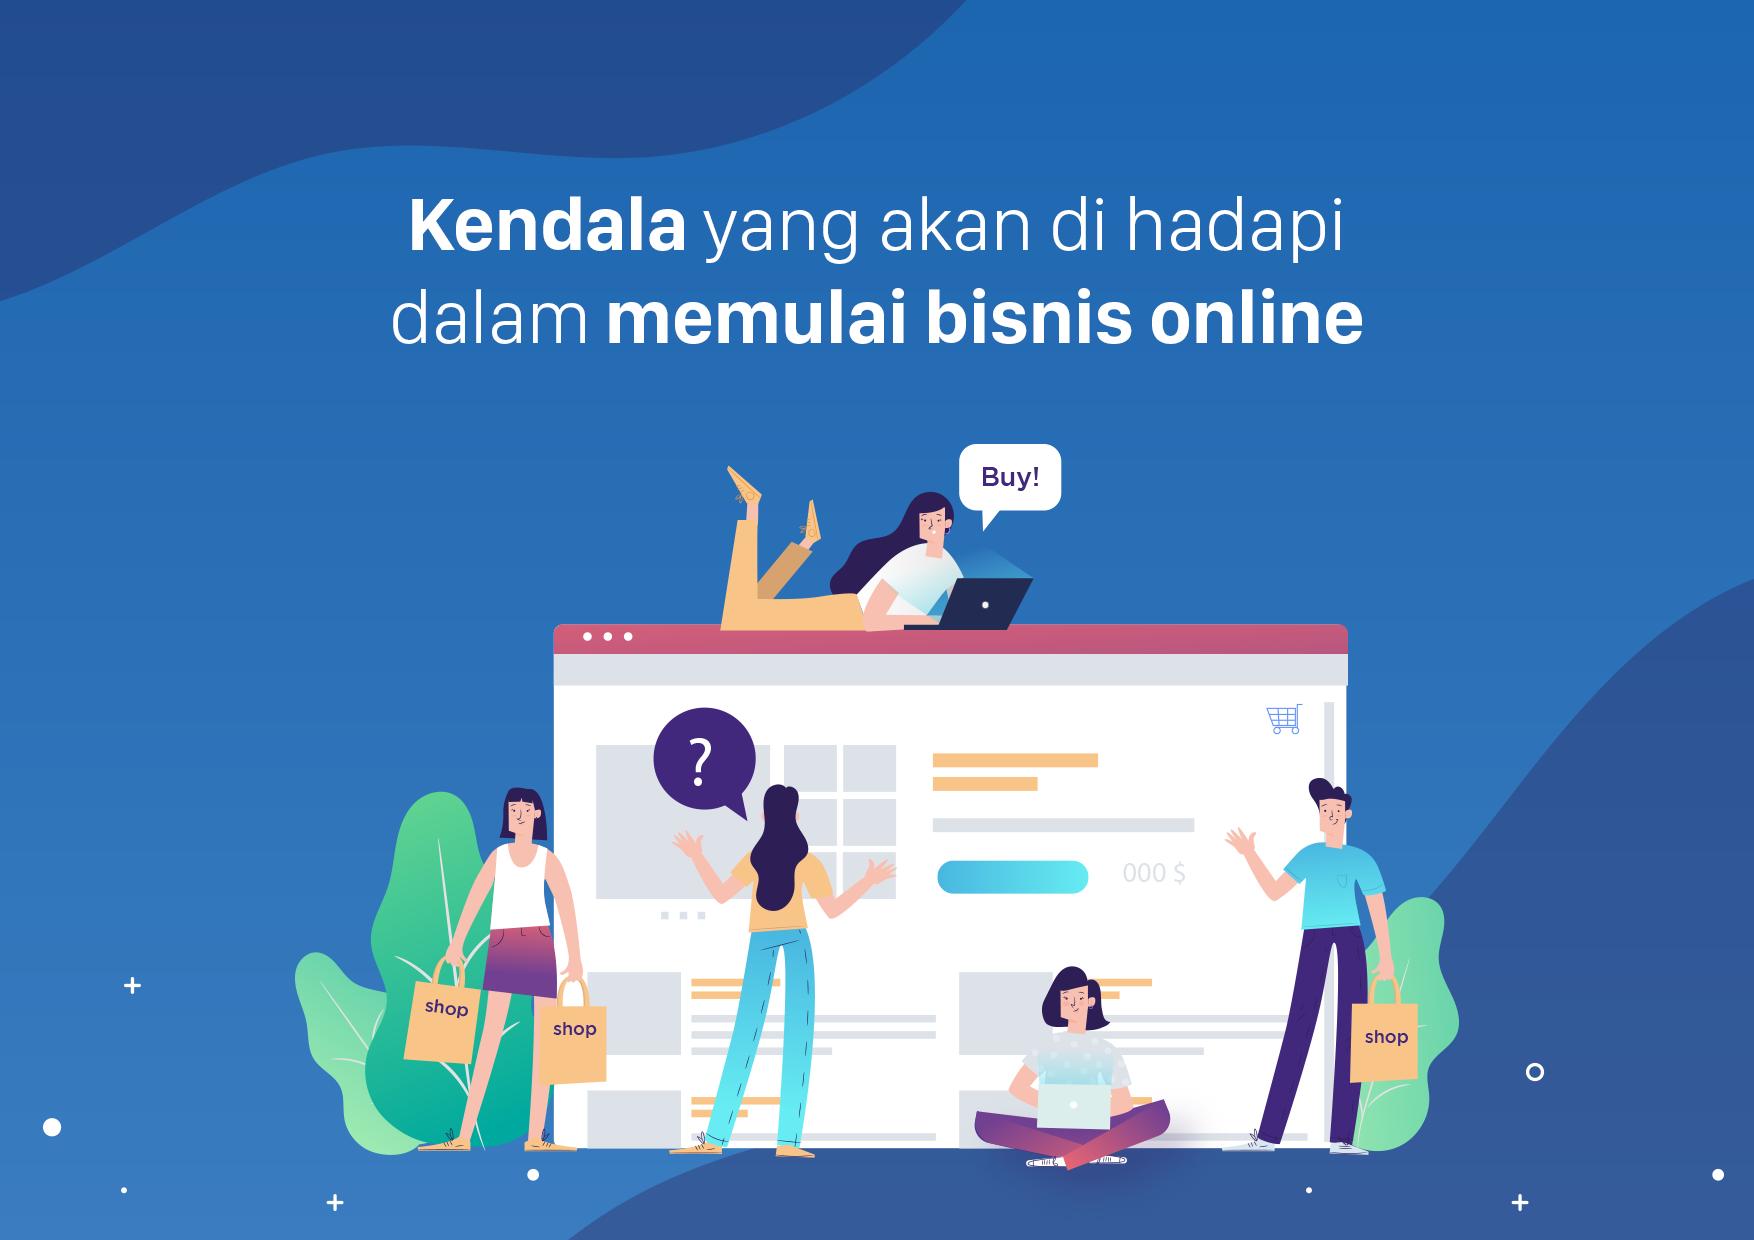 Kendala yang Akan di Hadapi dalam Memulai Bisnis Online ...